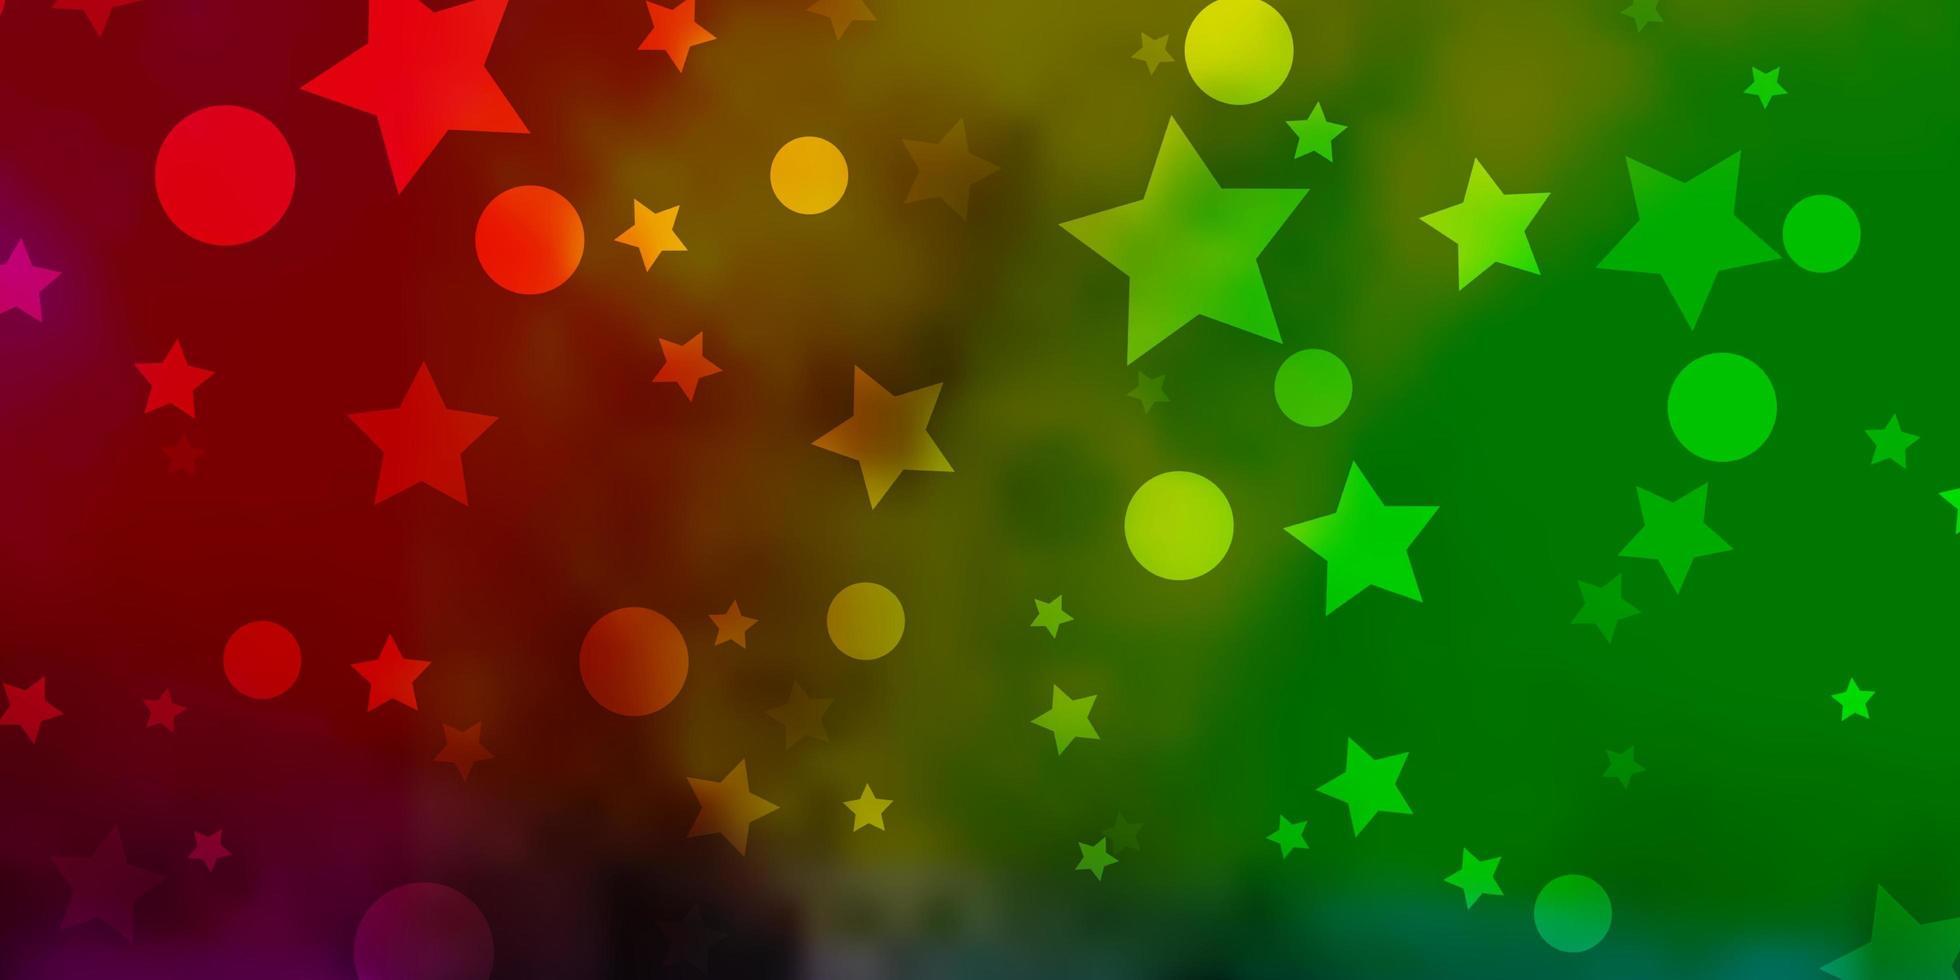 Fondo de vector multicolor claro con círculos, estrellas.